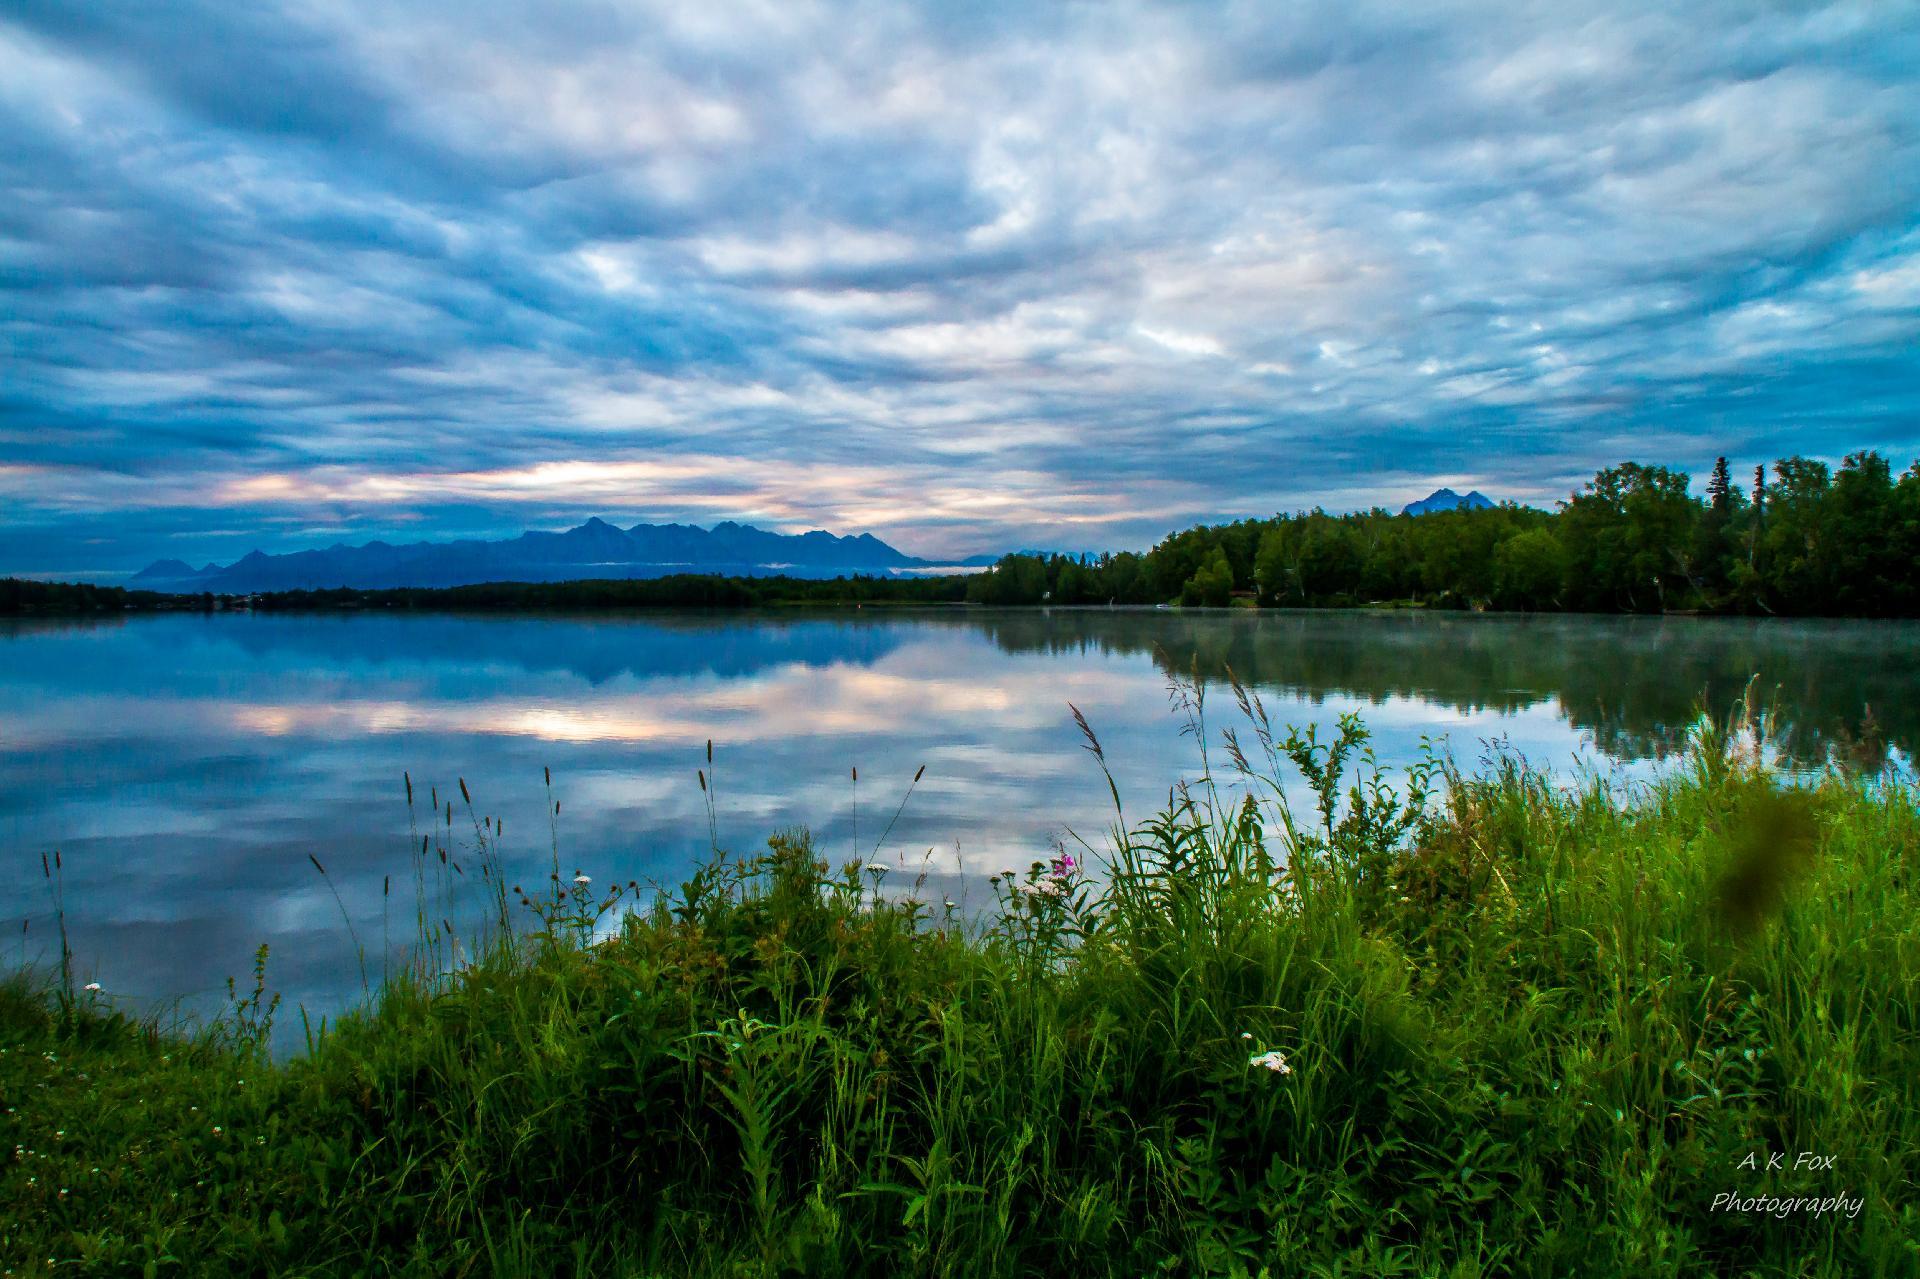 Alaska Northern Lights Photograph by Sam Amato |Wasilla Alaska Landscape